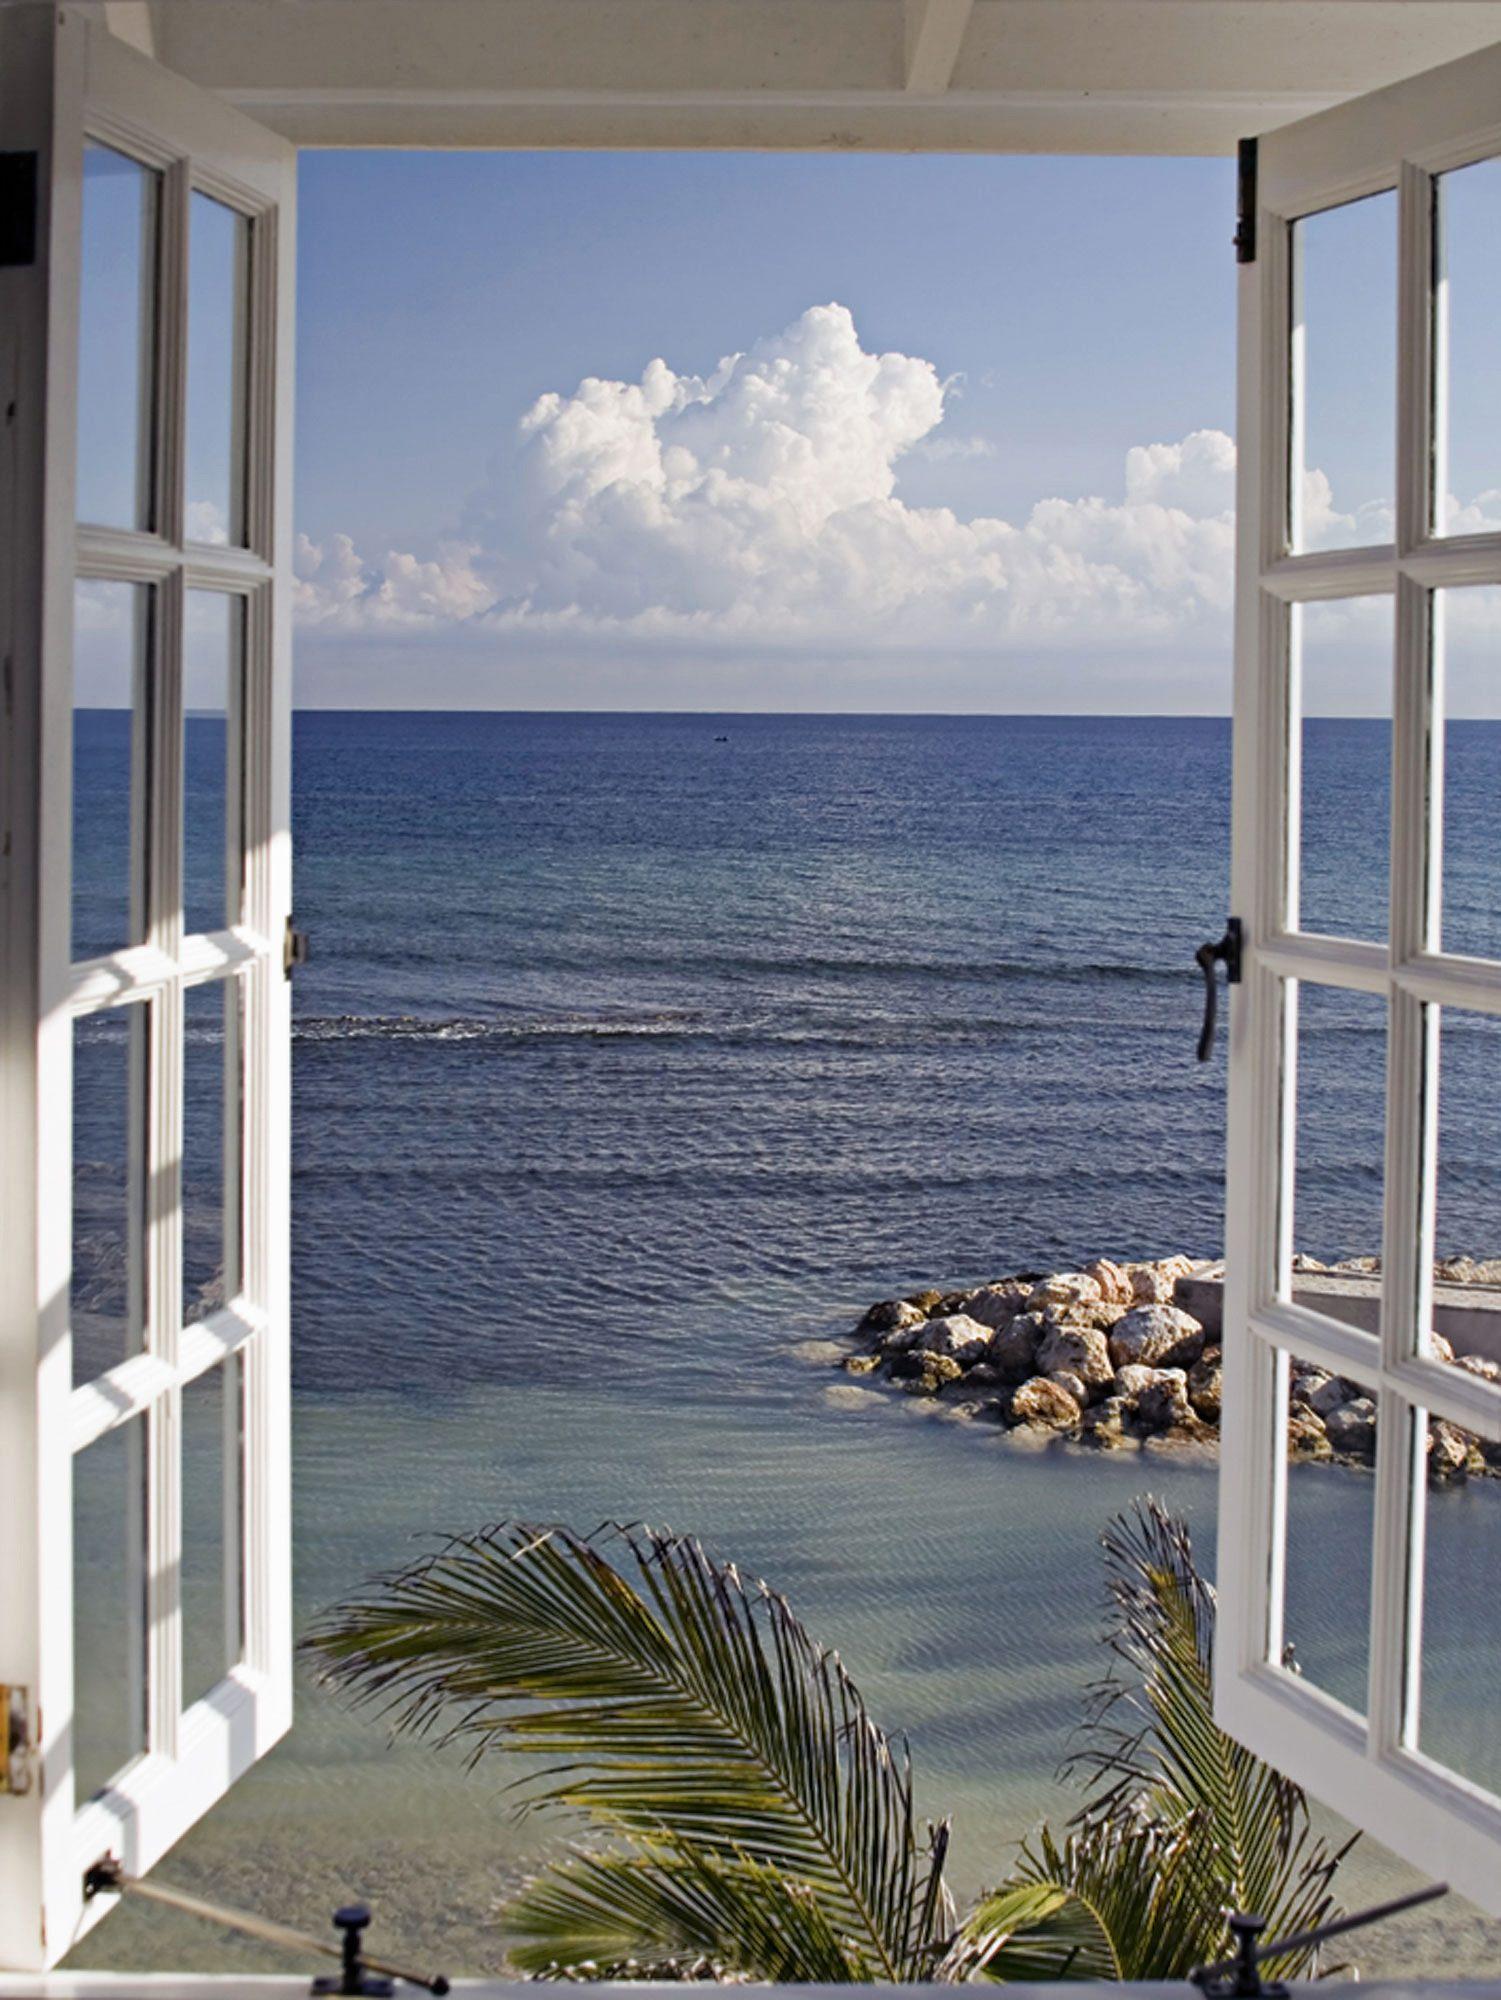 Home affaire, Glasbild, »Fenster mit Ausblick«, 60/80 cm.